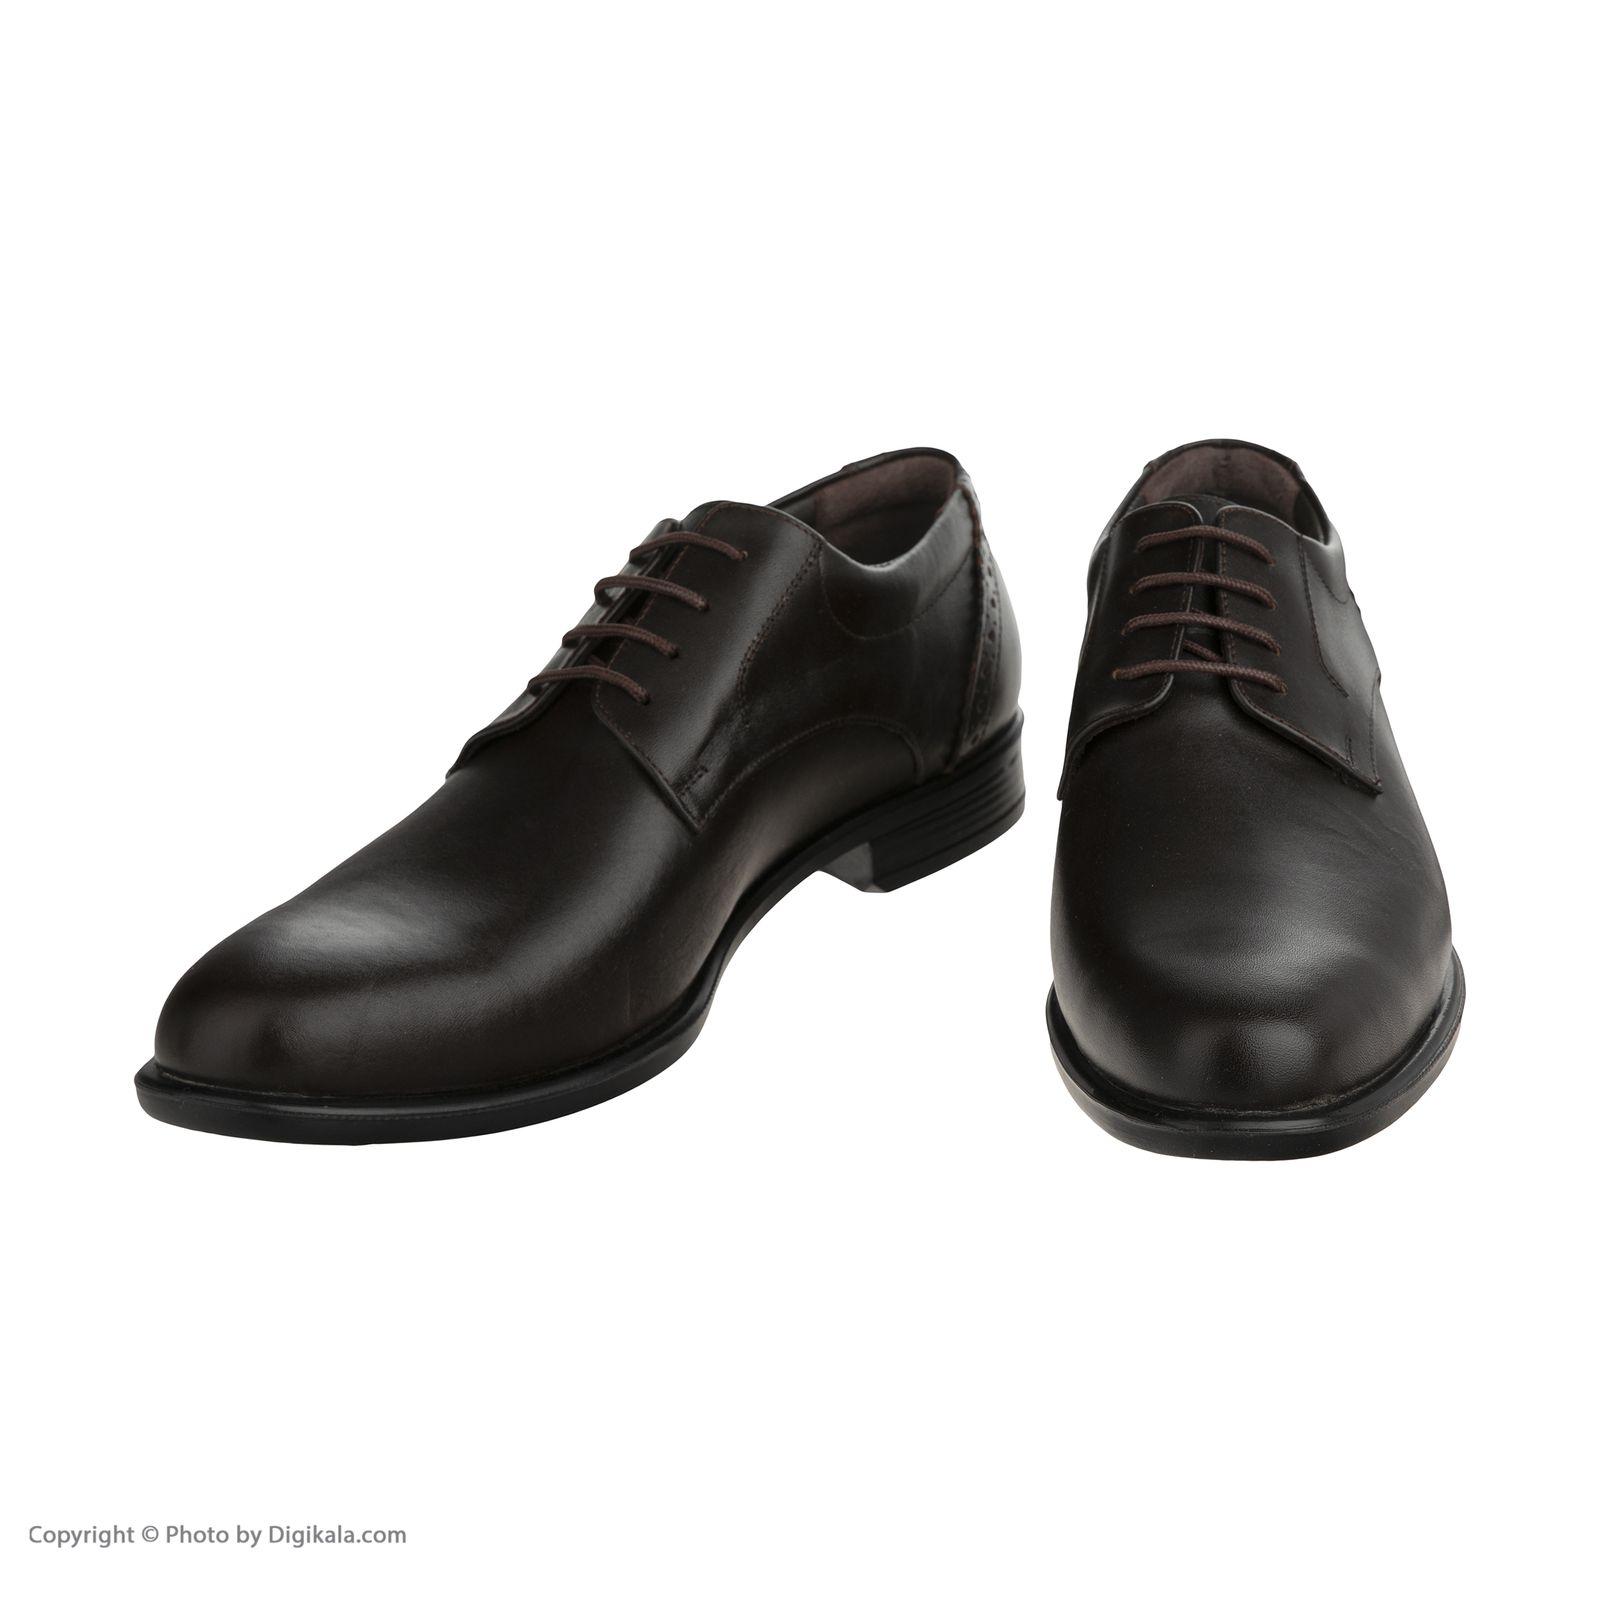 کفش مردانه بلوط مدل 7297A503104 -  - 6